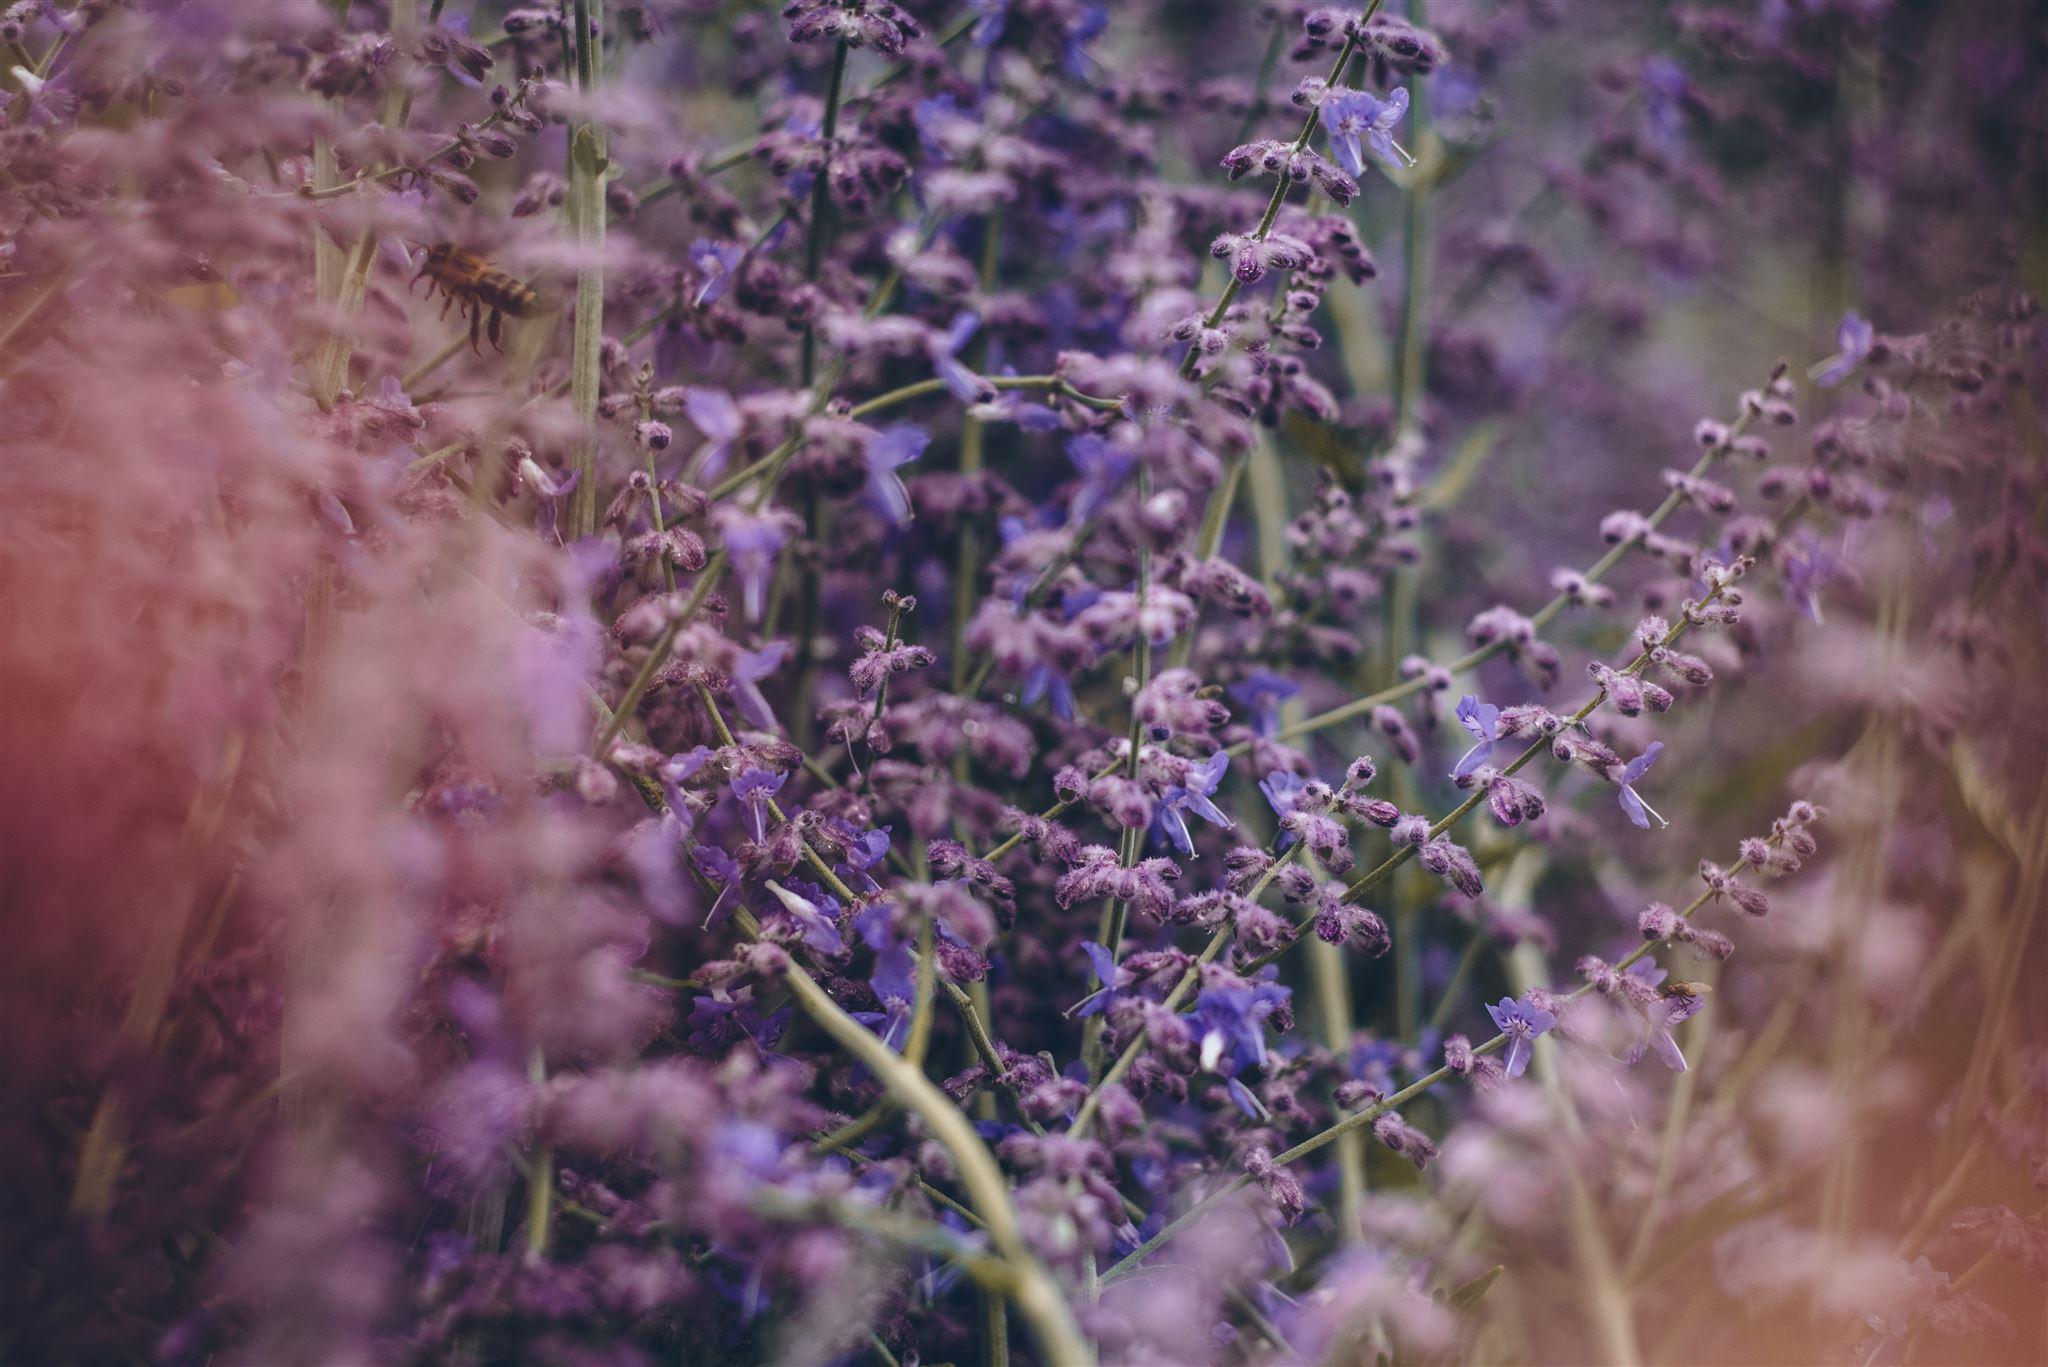 Marillen-Galette mit Lavendel